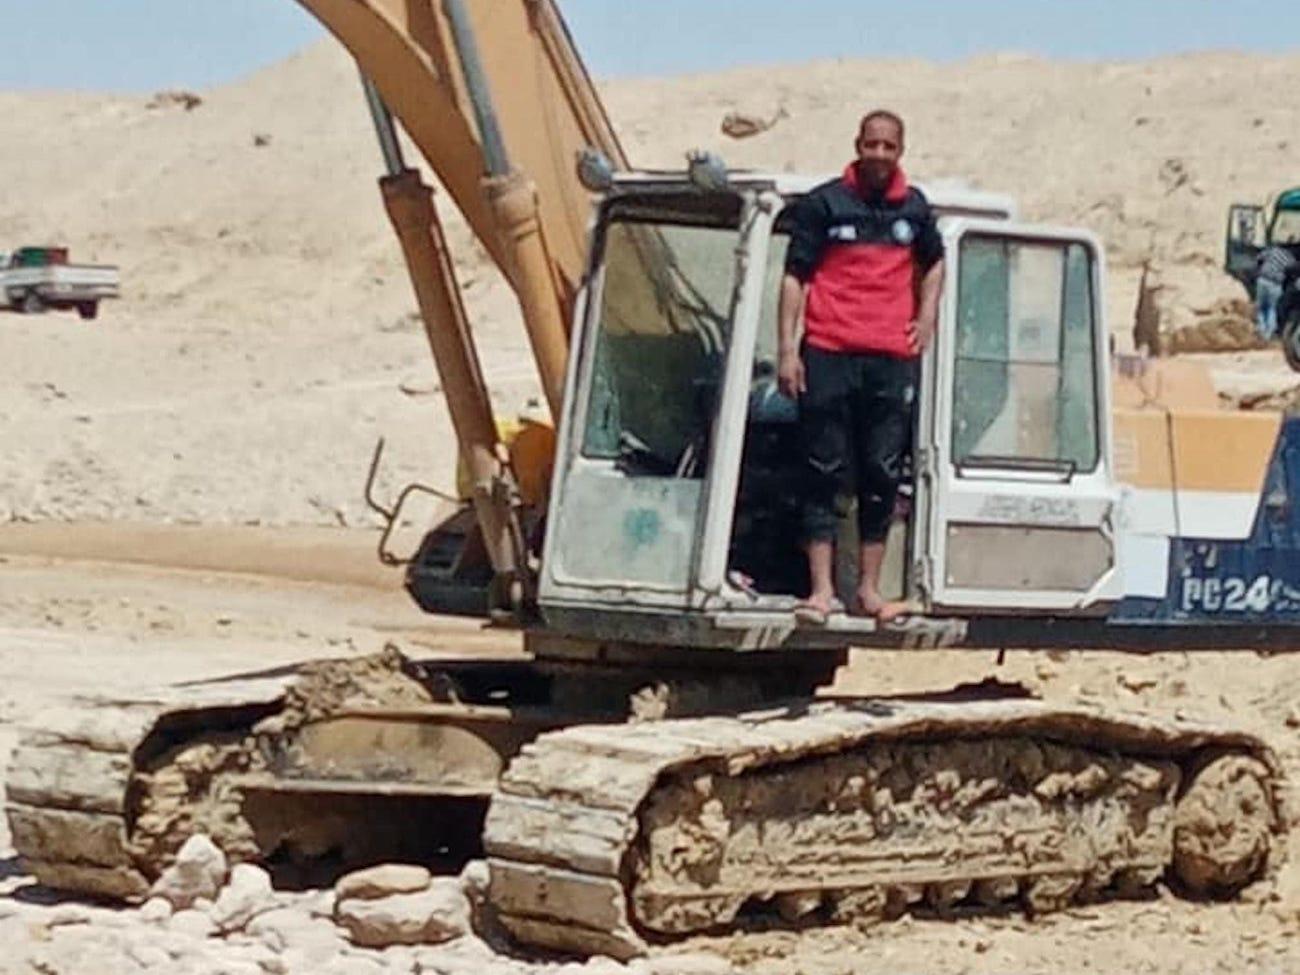 阿卜杜勒-加瓦德3月29日站在挖掘机上